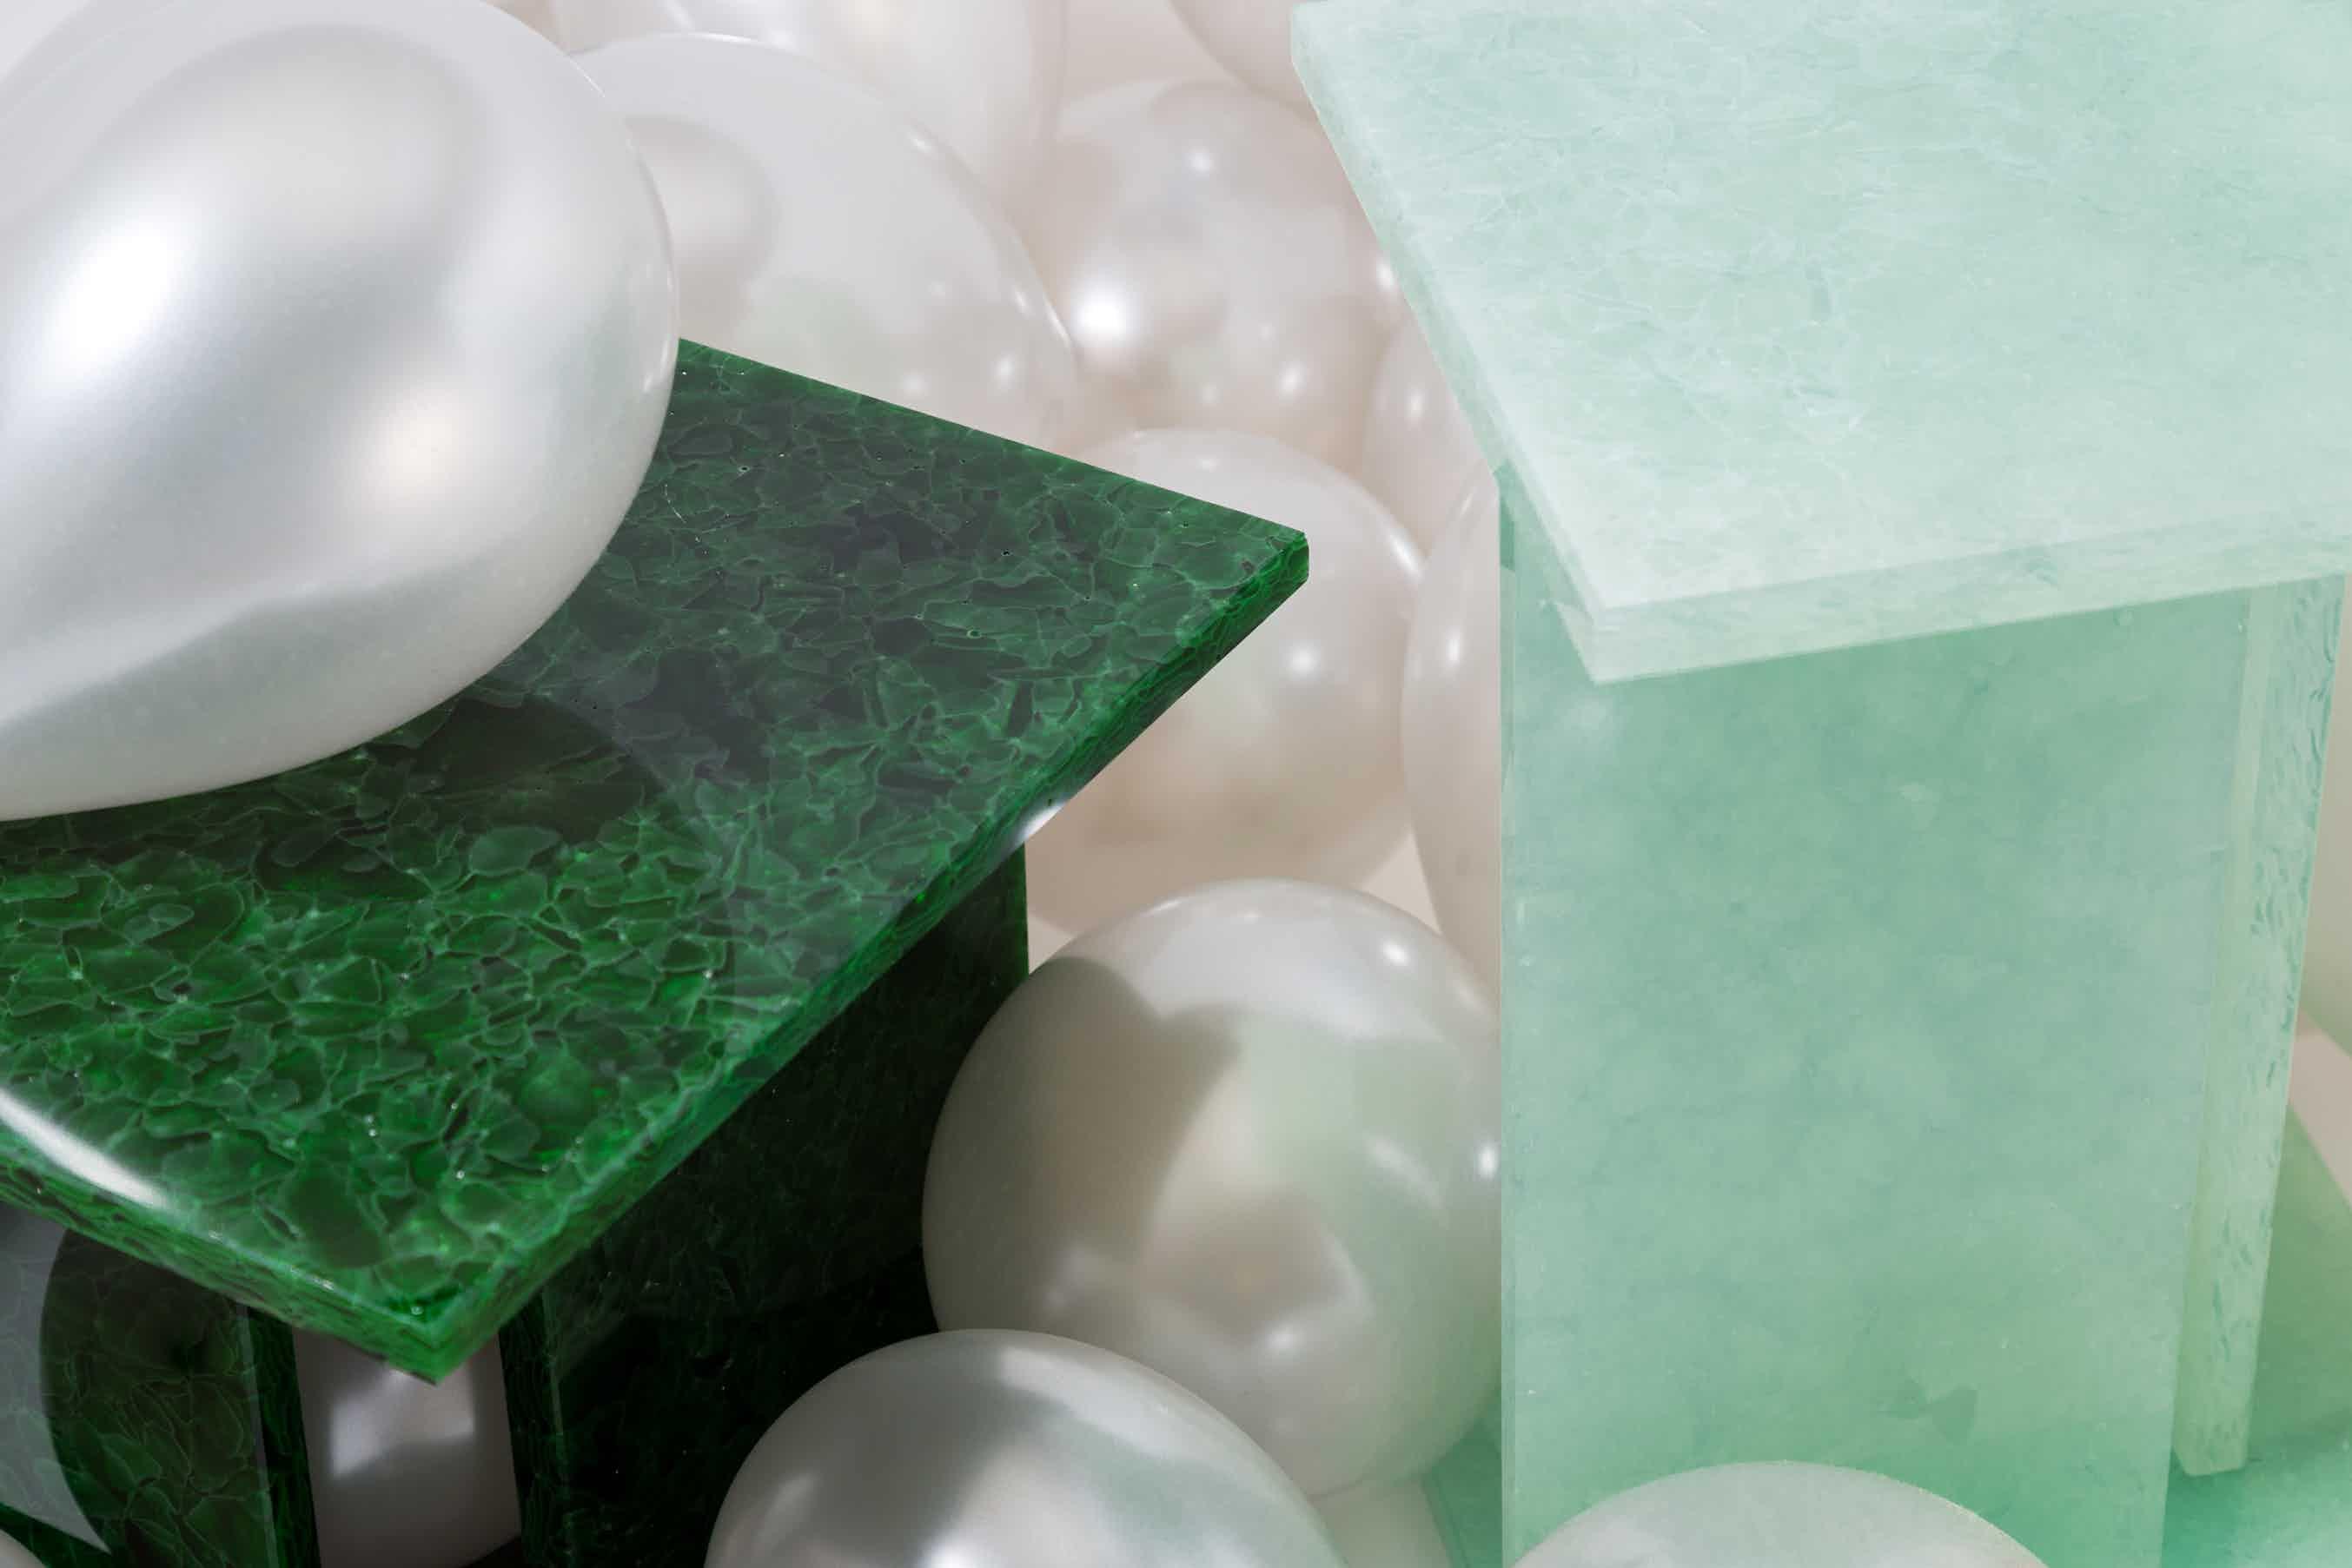 Pulpo-font-table-green-close-haute-living